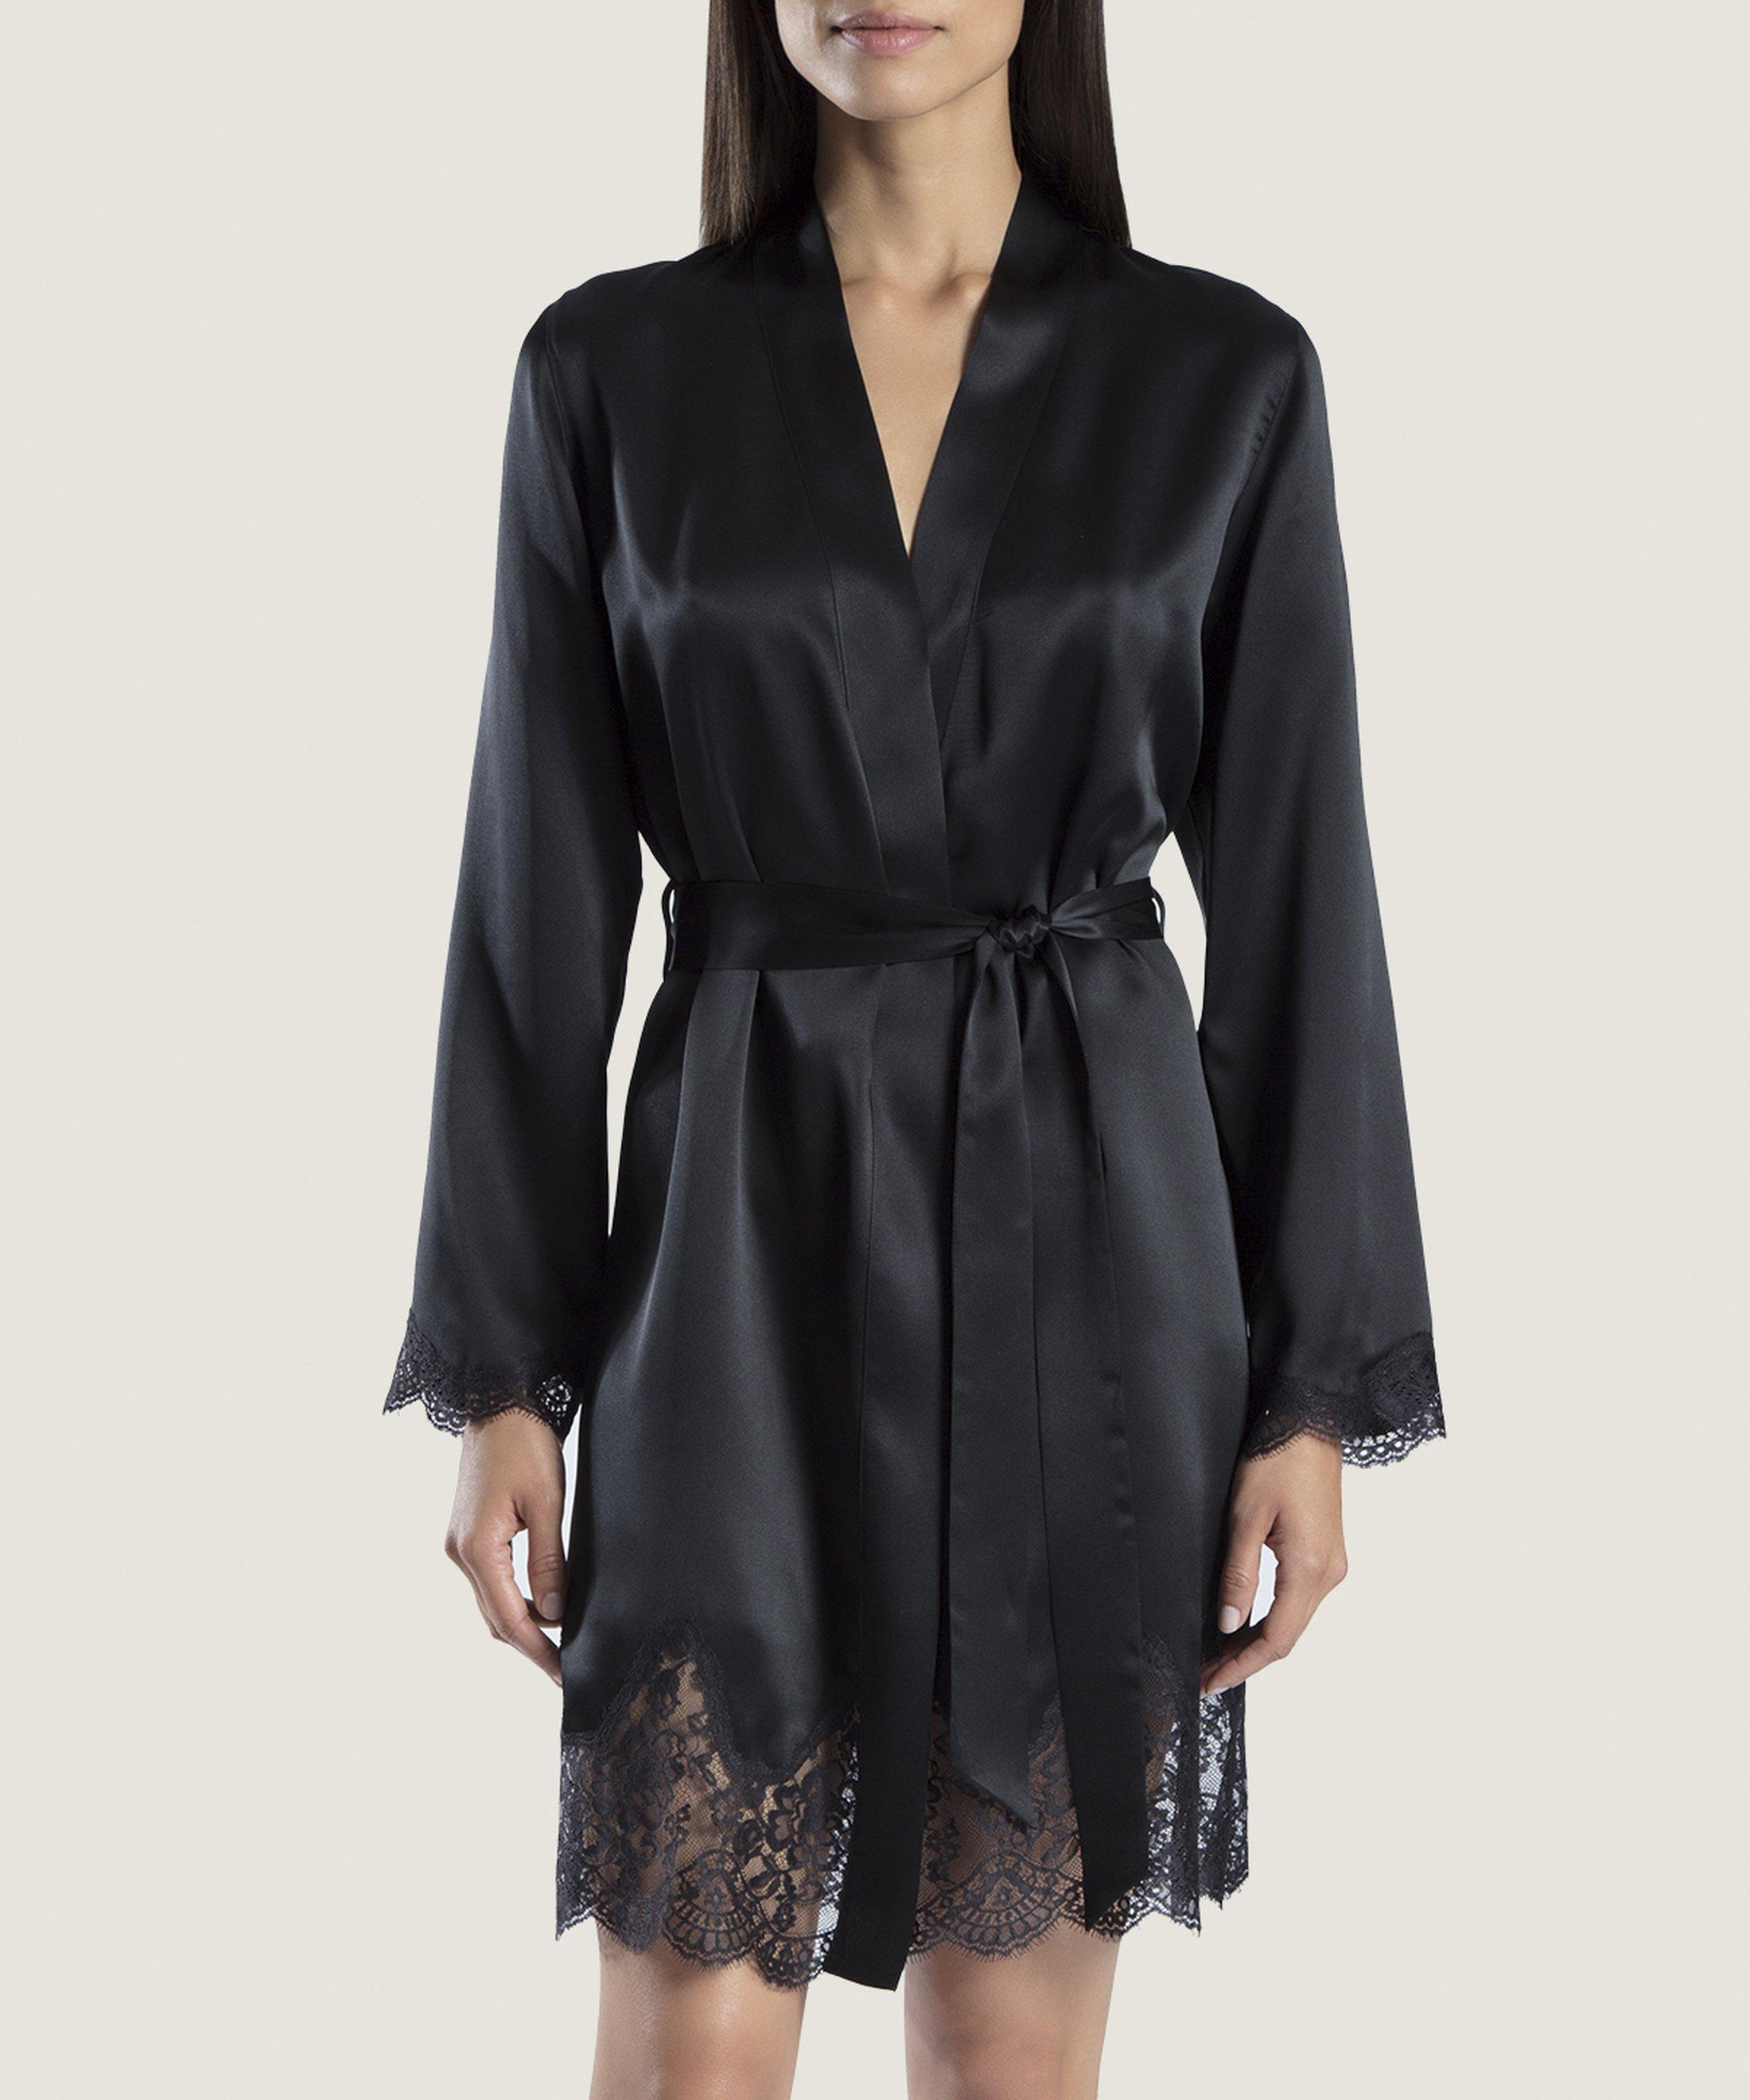 SOIE D'AMOUR Kimono en soie Noir | Aubade